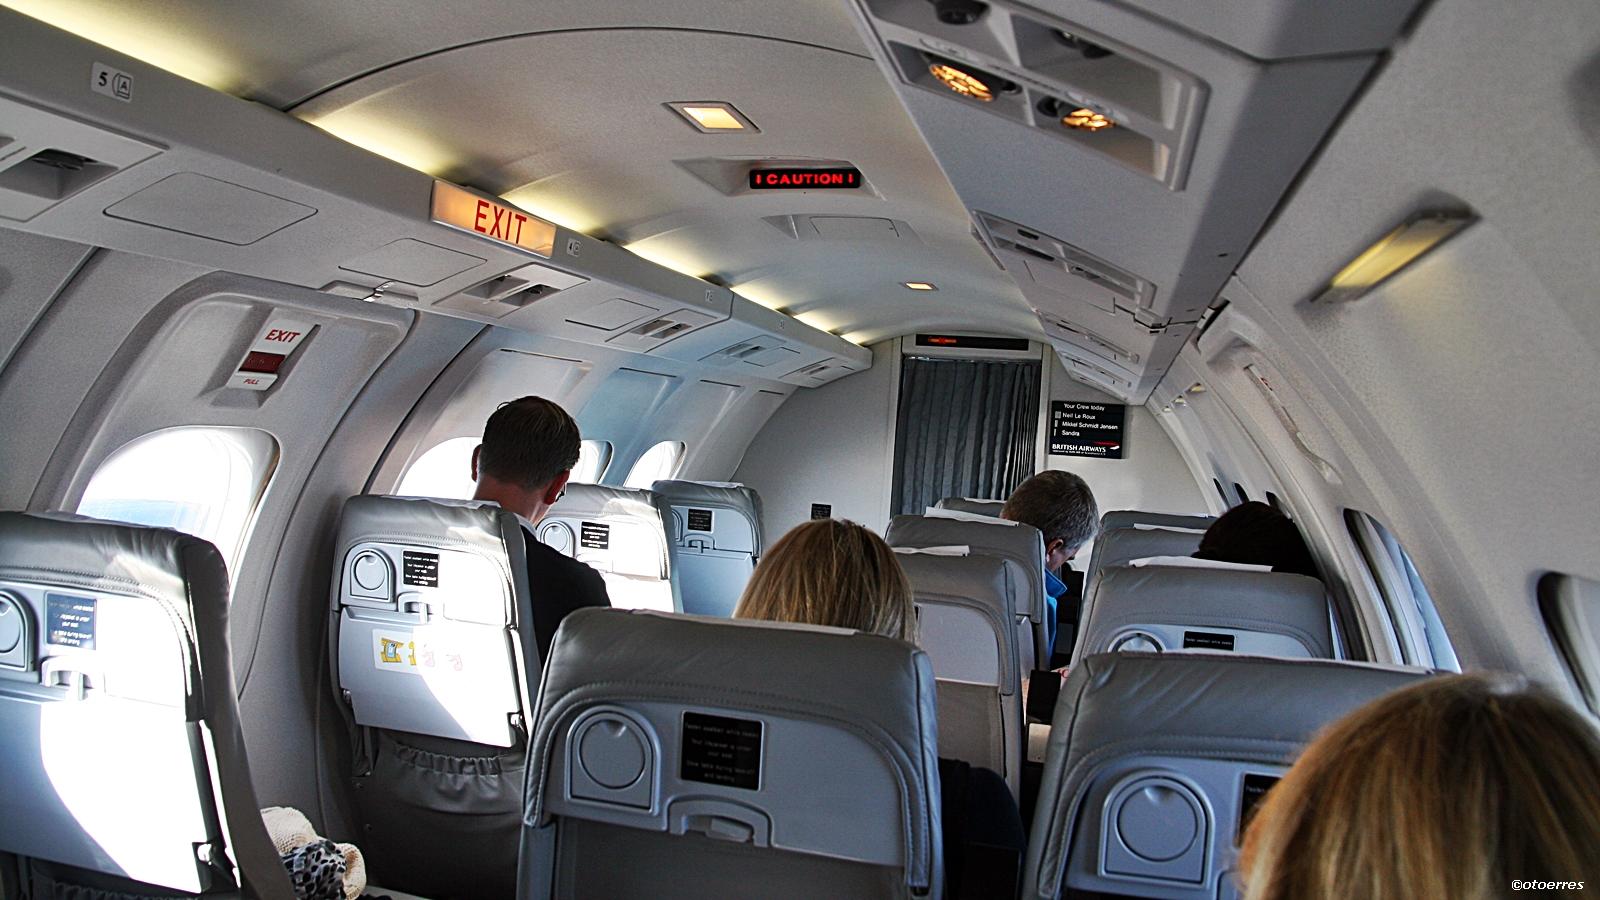 American Airlines AA KAYAK